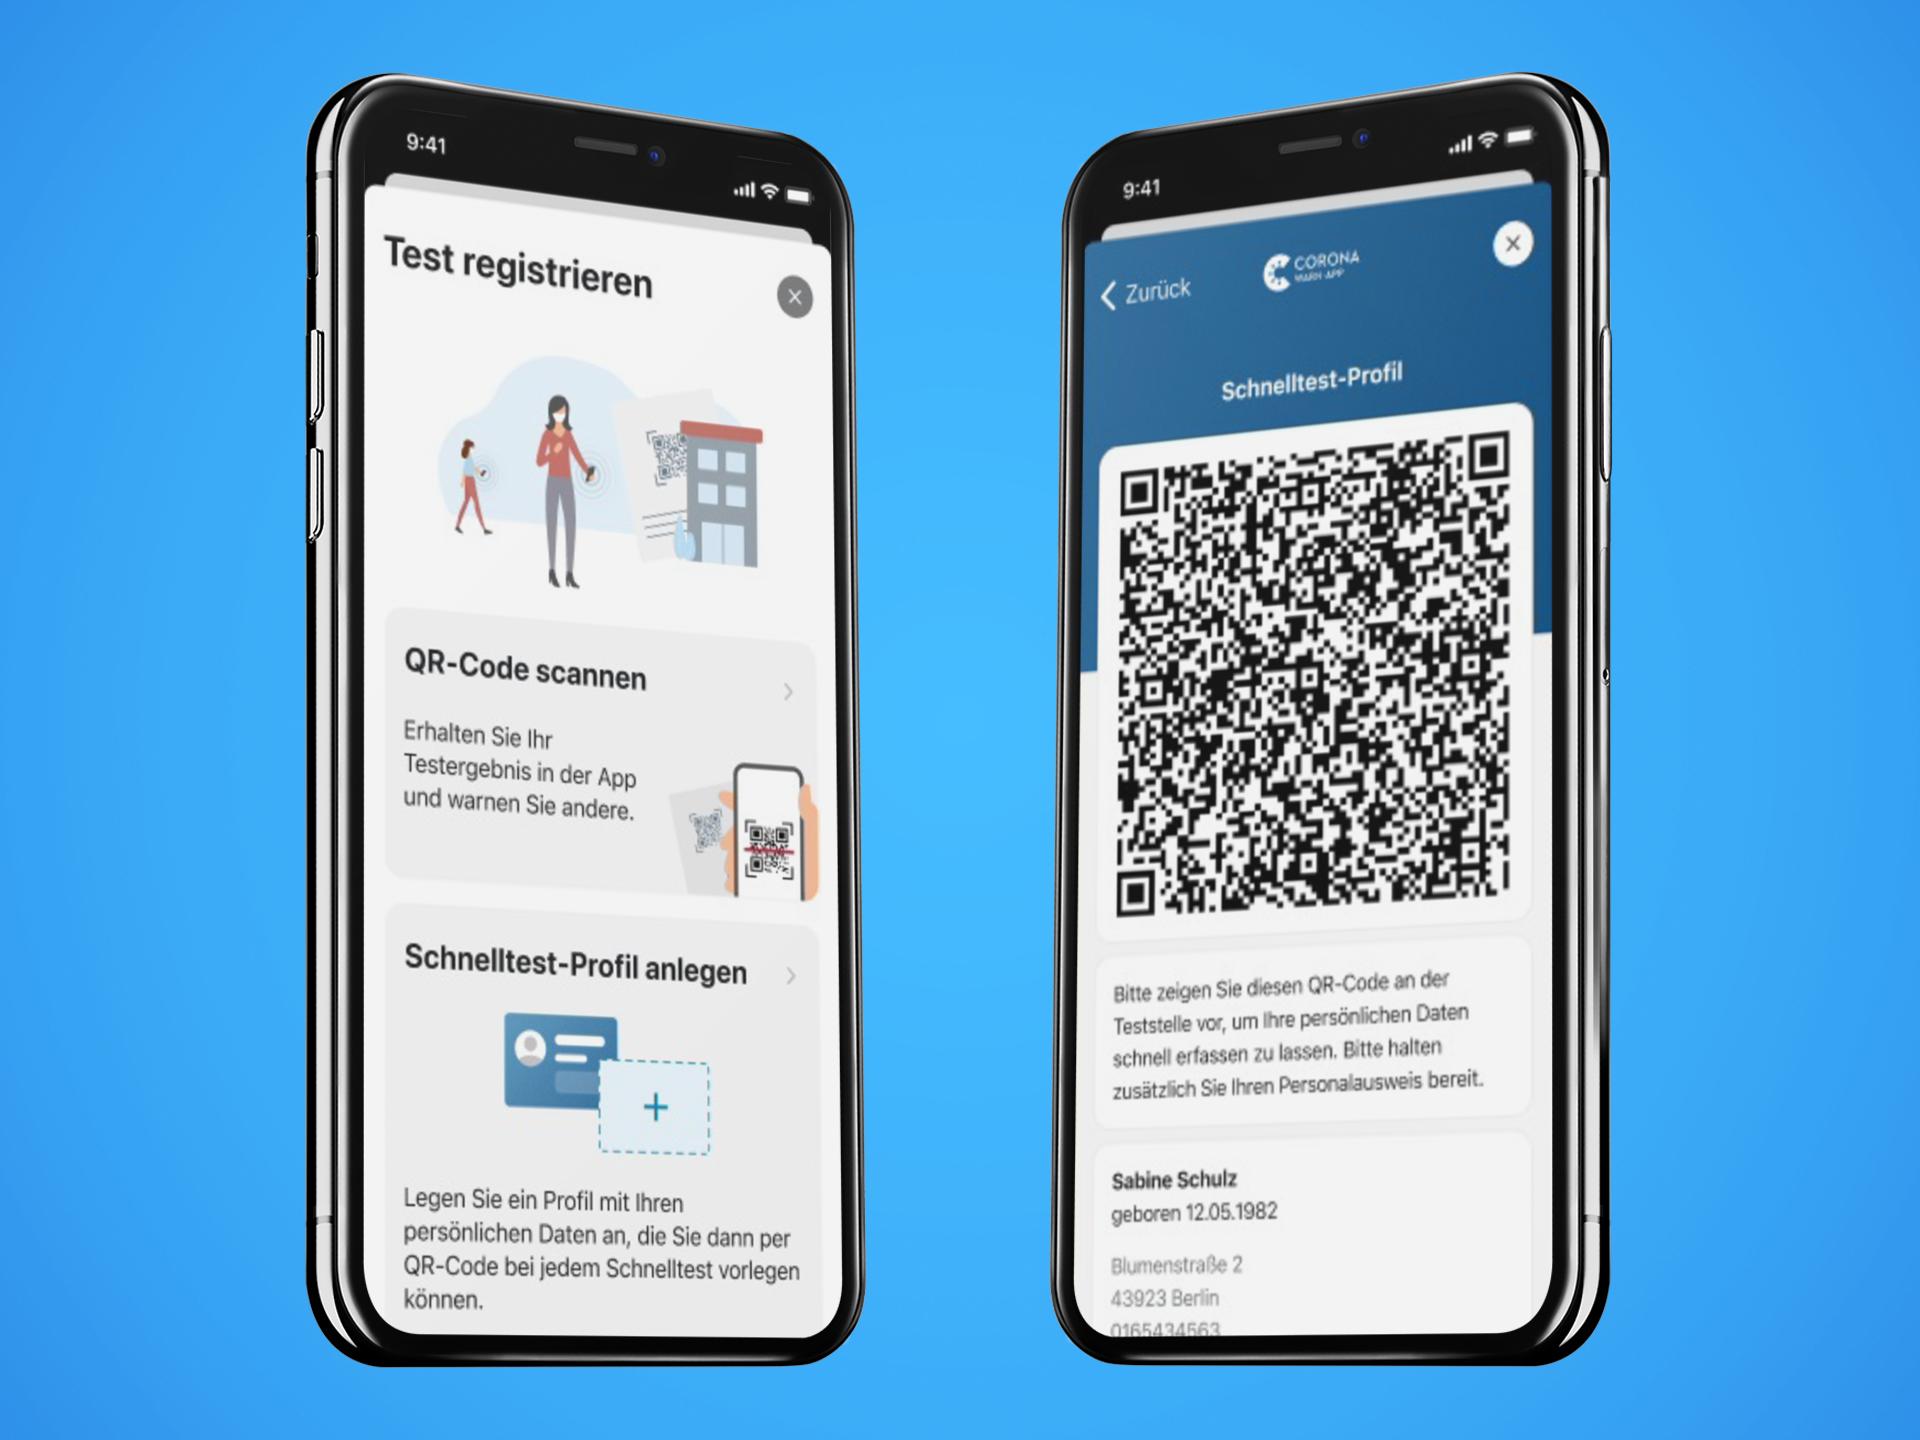 Corona-Warn-App: Schnelltest-Profile und Fehleranalyse-Protokolle  integriert - appgefahren.de